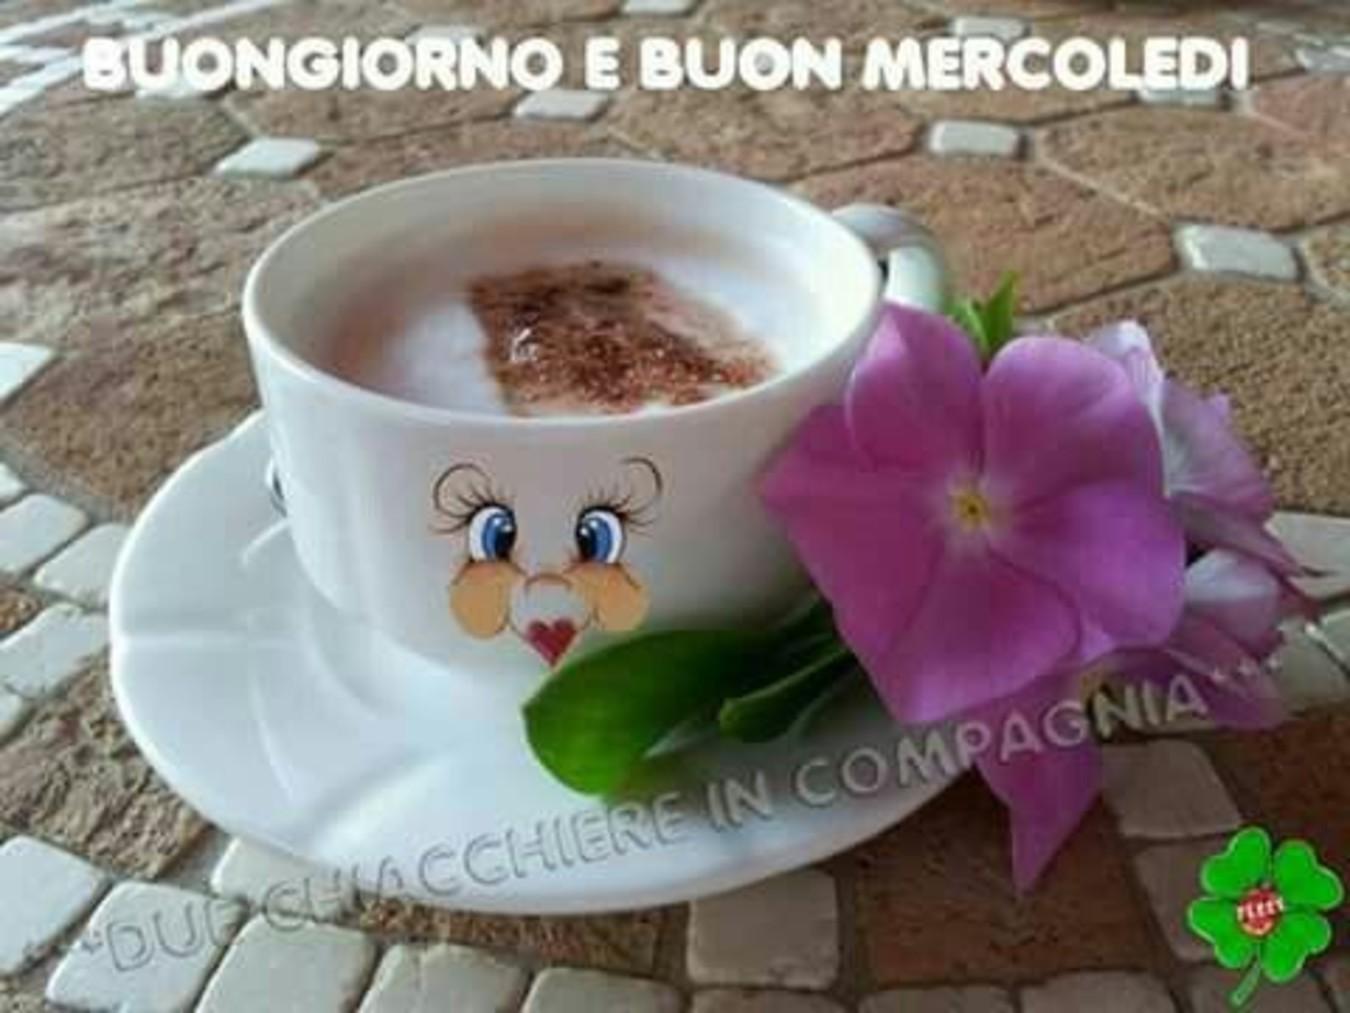 Immagini Buon Mercoledì Col Caffè 9 Archives Immaginiwhatsappit